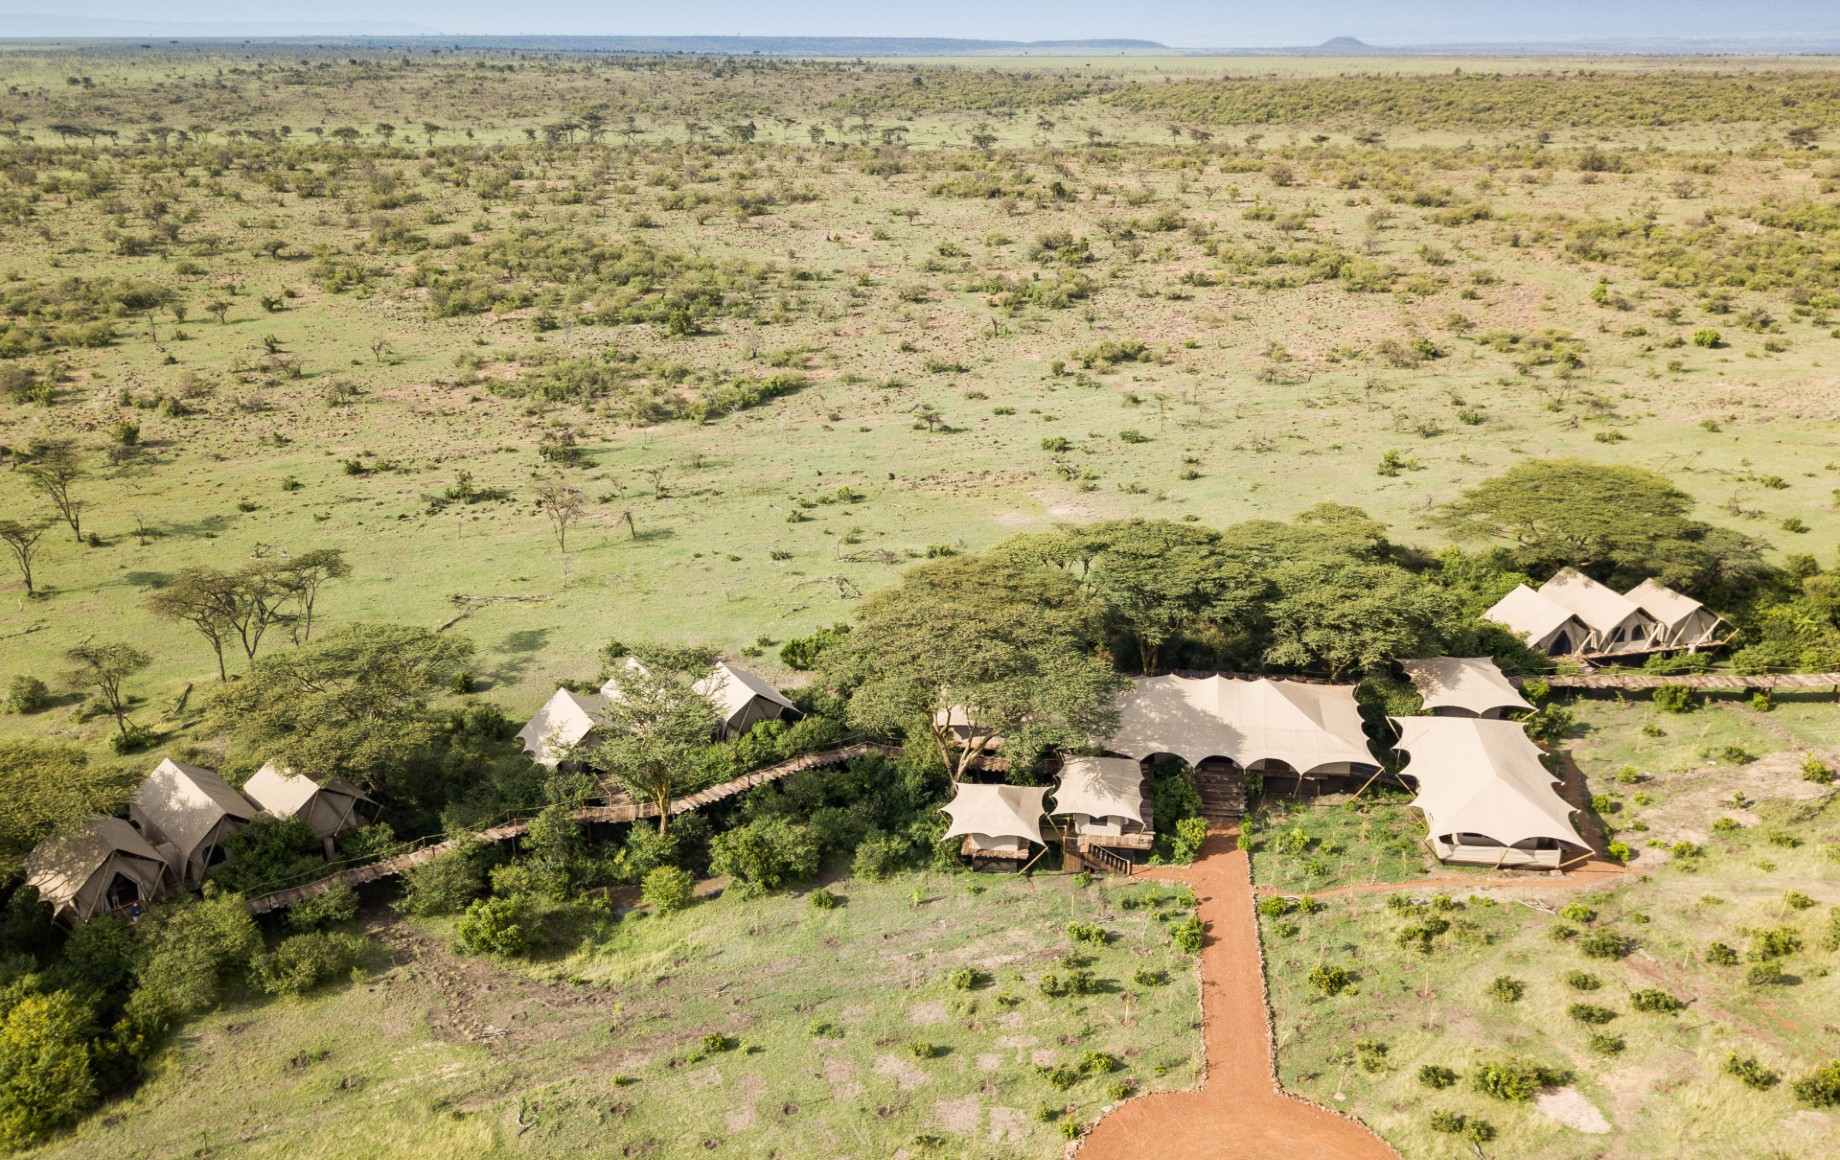 an aerial photo of Mara Nyika